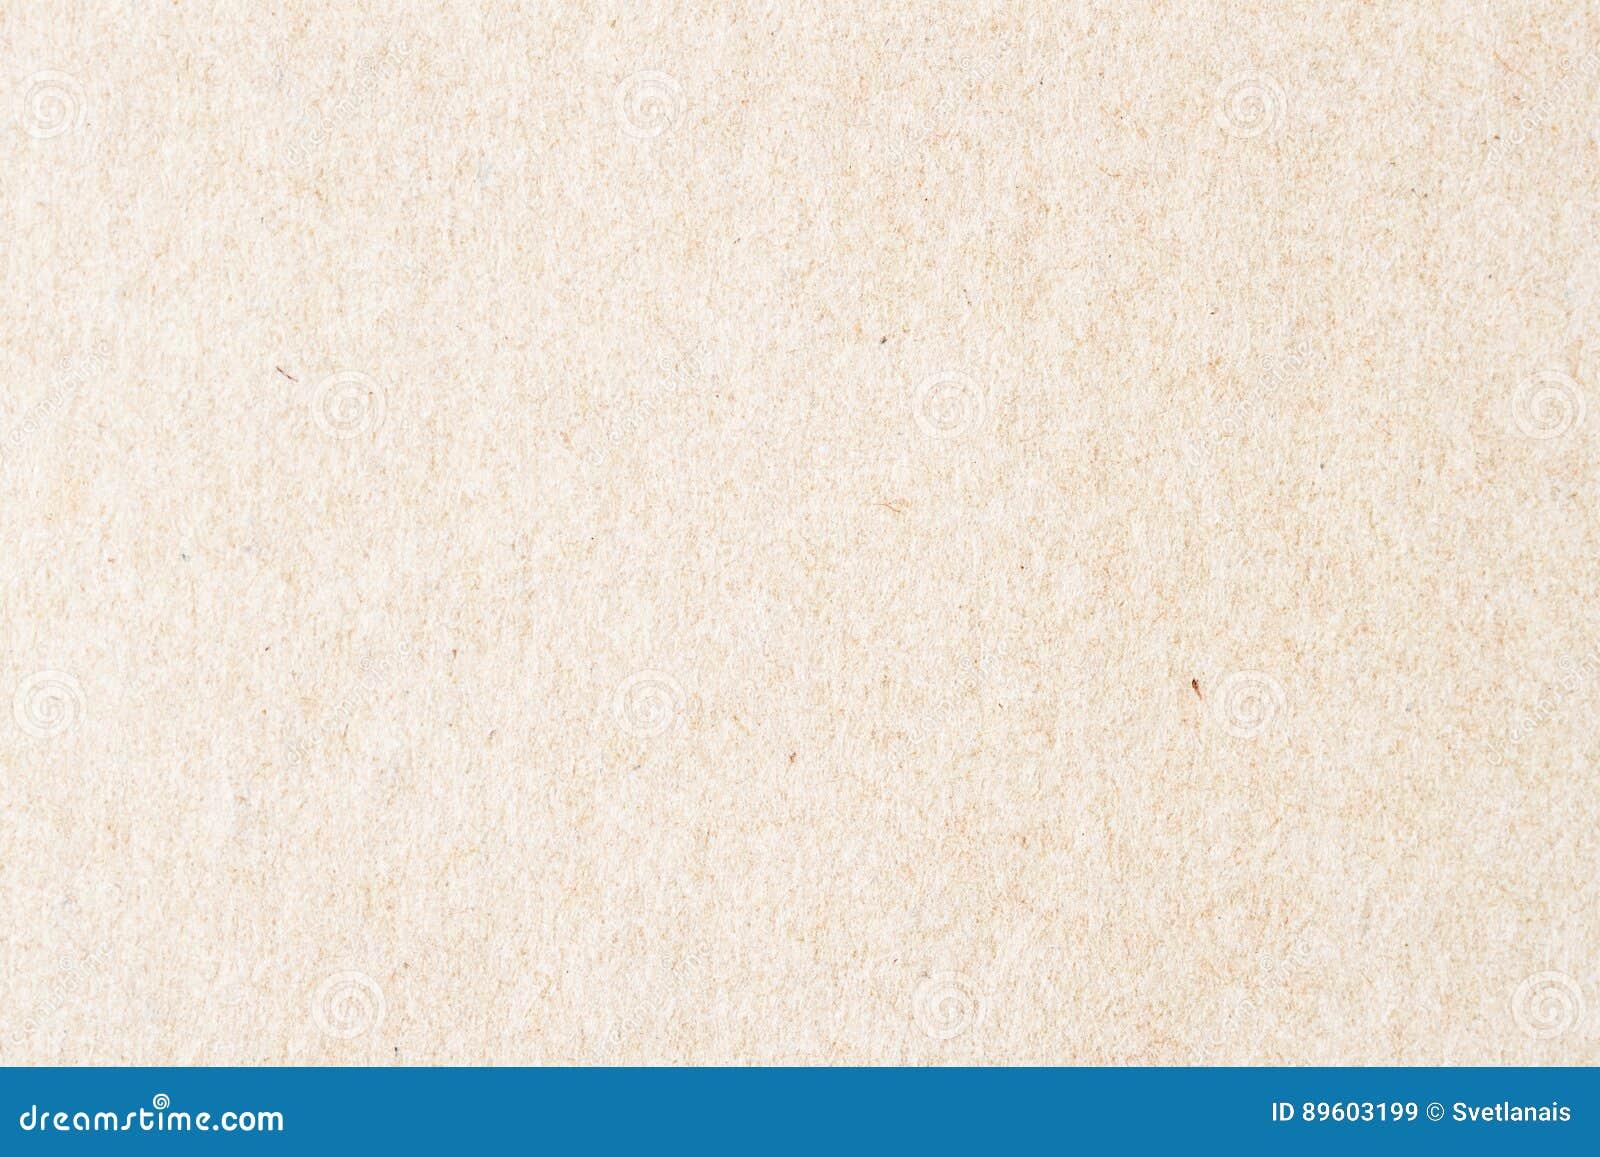 Textur av gammalt organiskt papper för ljus kräm Återvinningsbart material med små medräknanden av cellulosa bakgrund bakgrund